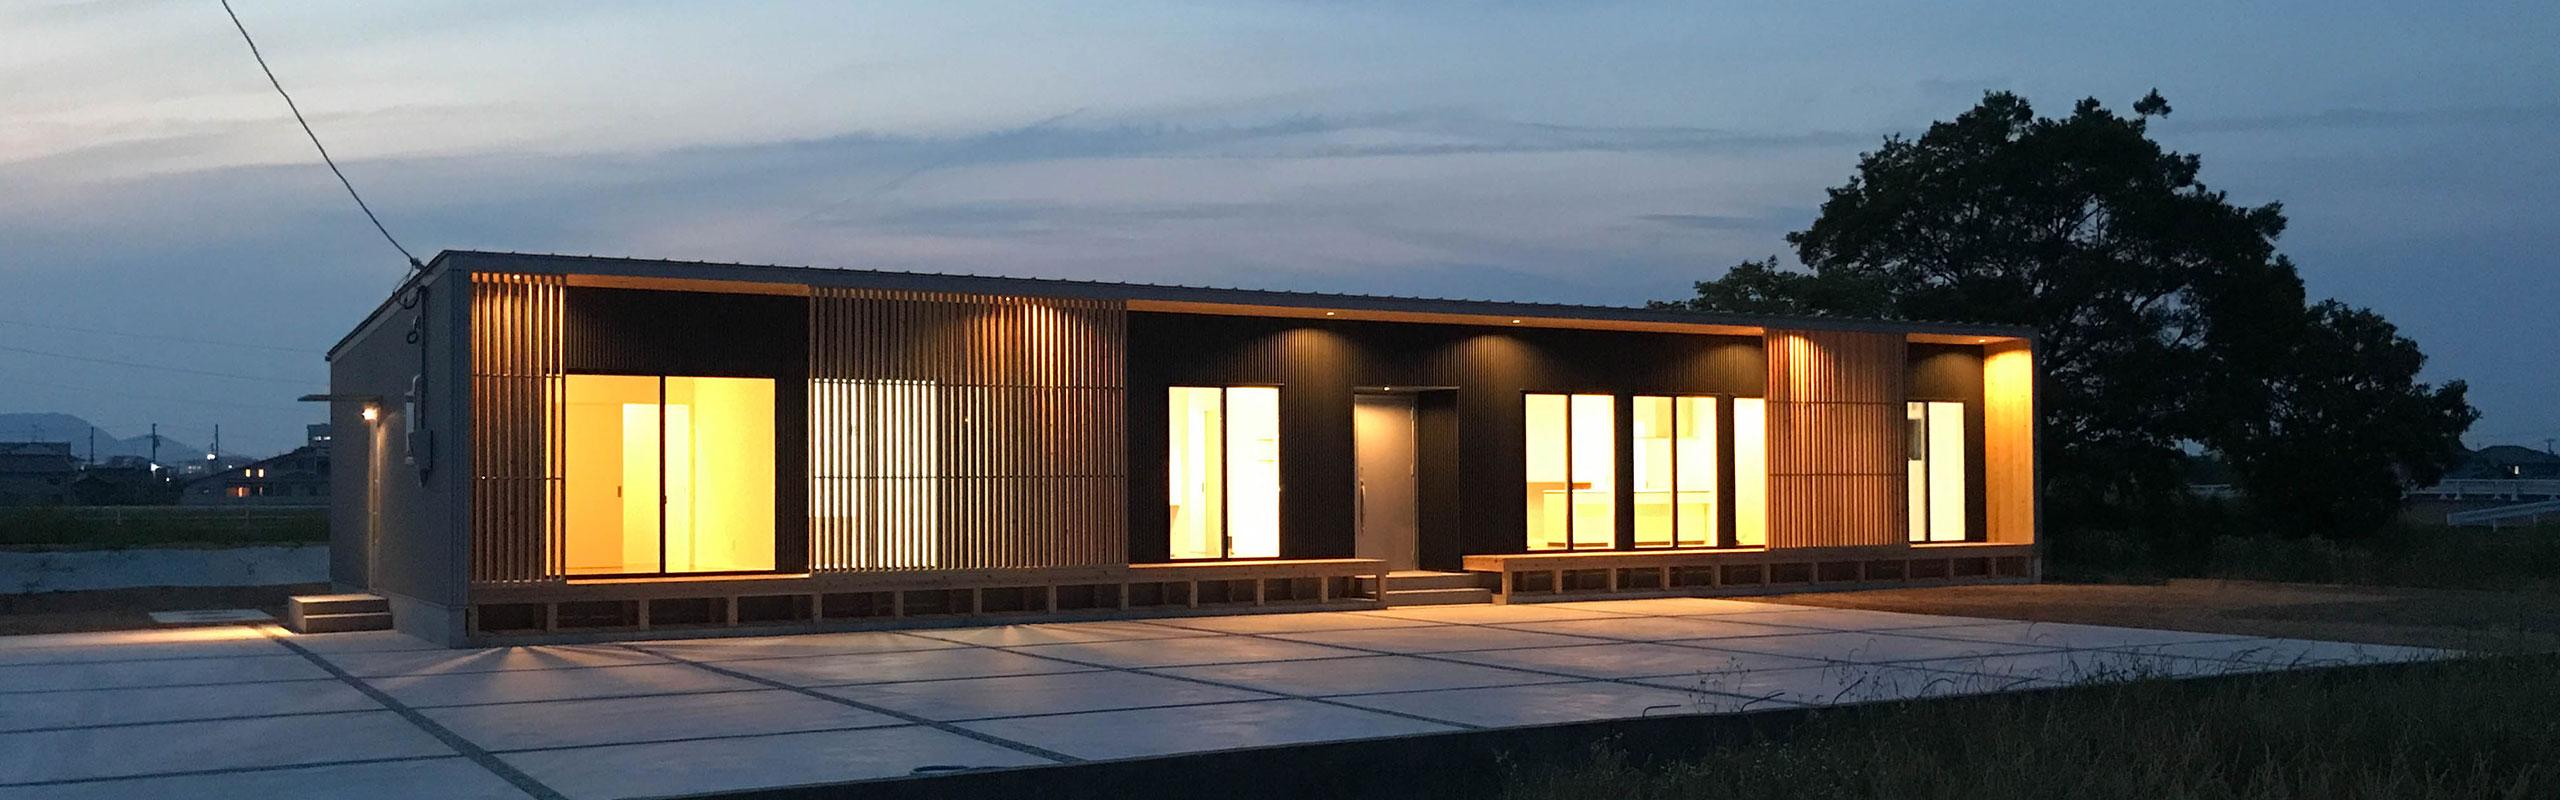 香川県高松市に建つ平屋の二世帯住宅 建築家が設計するデザイン住宅